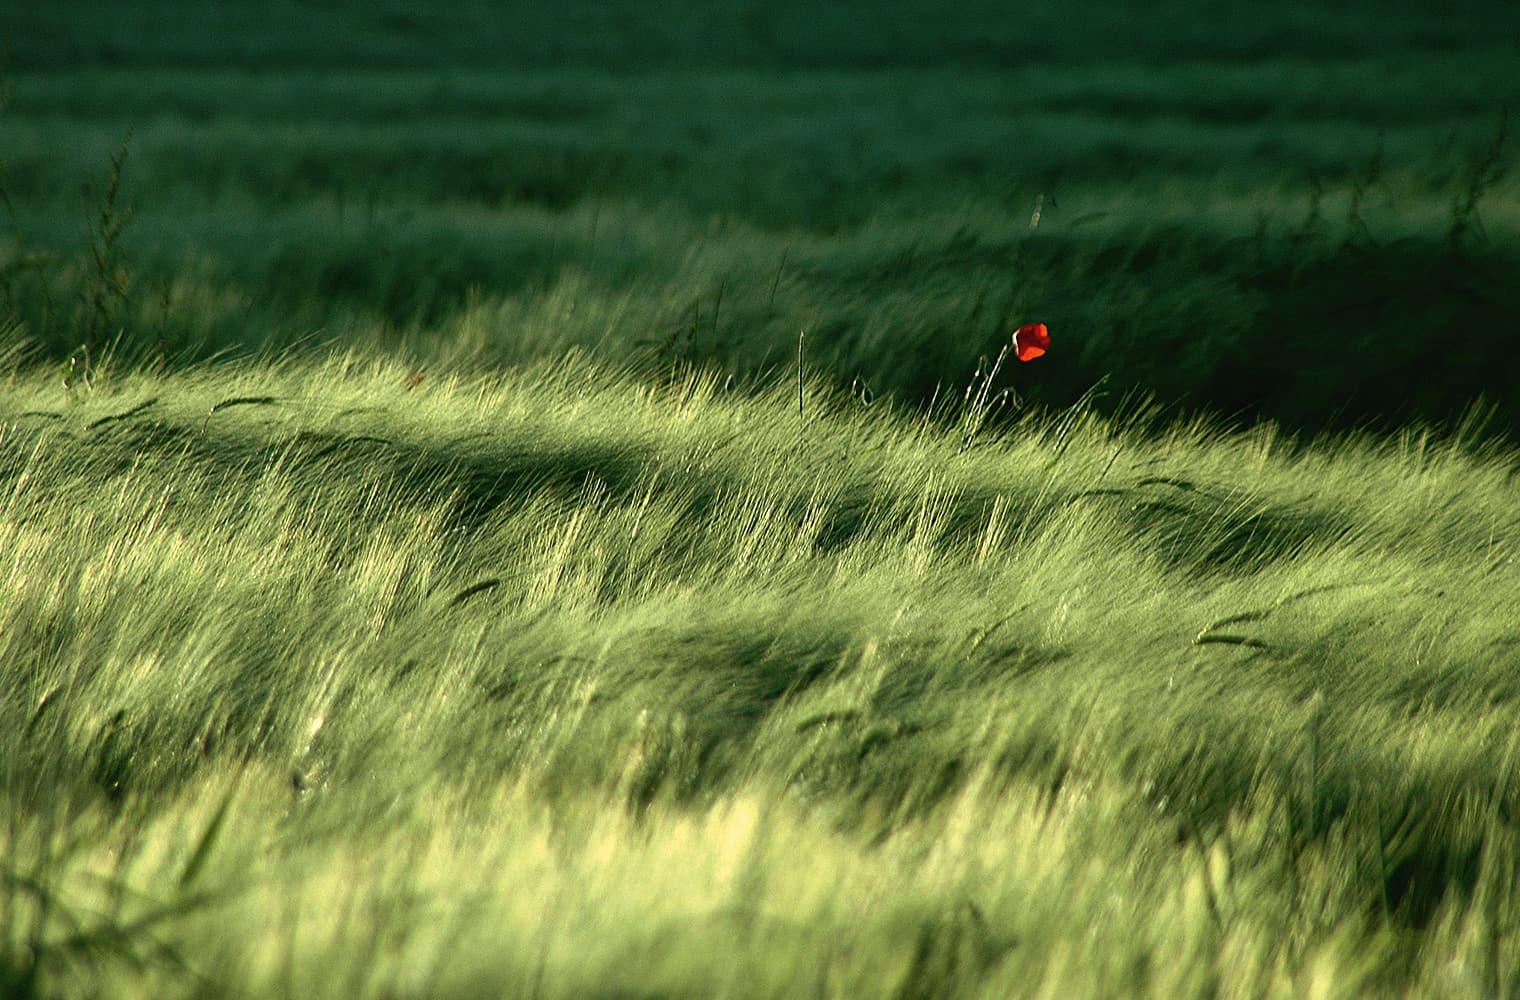 Wild wucherndes, langes Gras – mittendrin eine rote, kräftige Mohnblume.